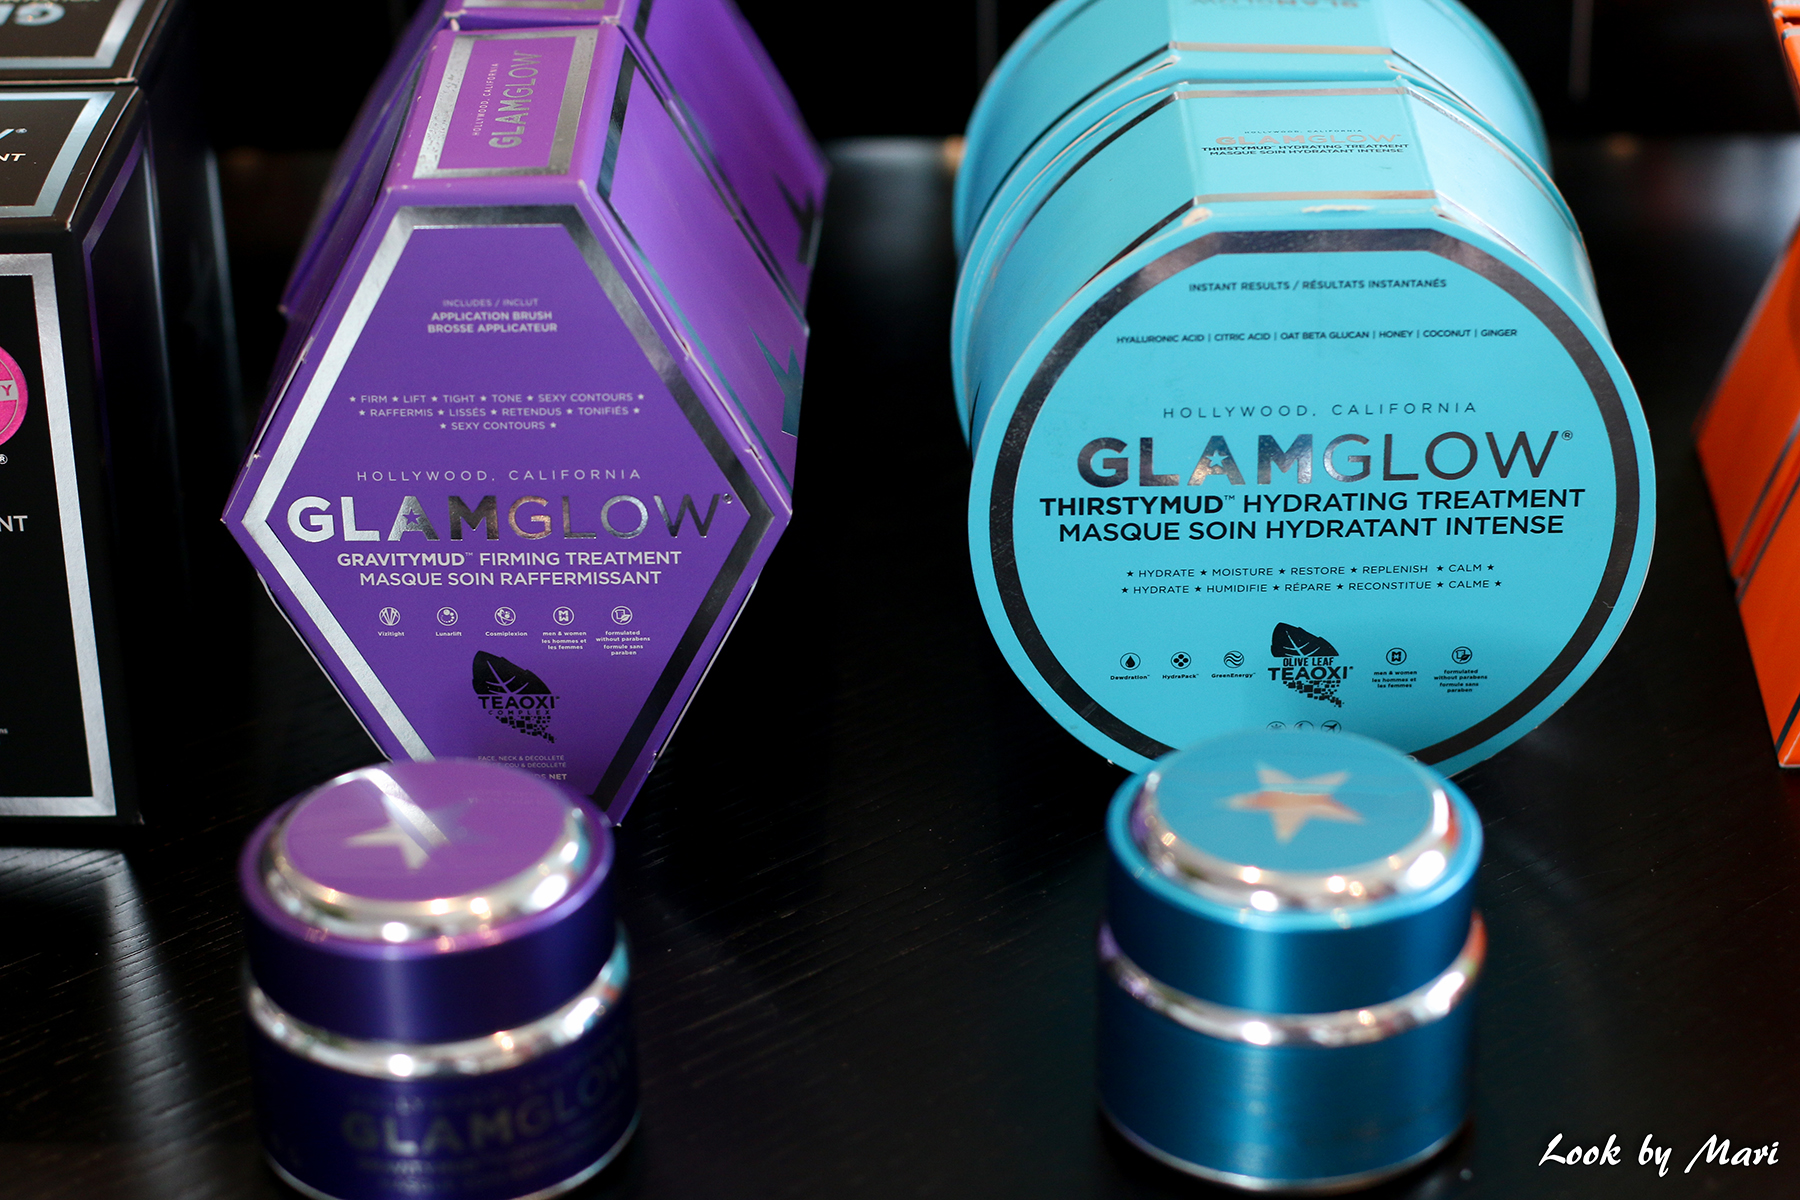 9 glamglow gravitymud thirstymud review kokemuksia